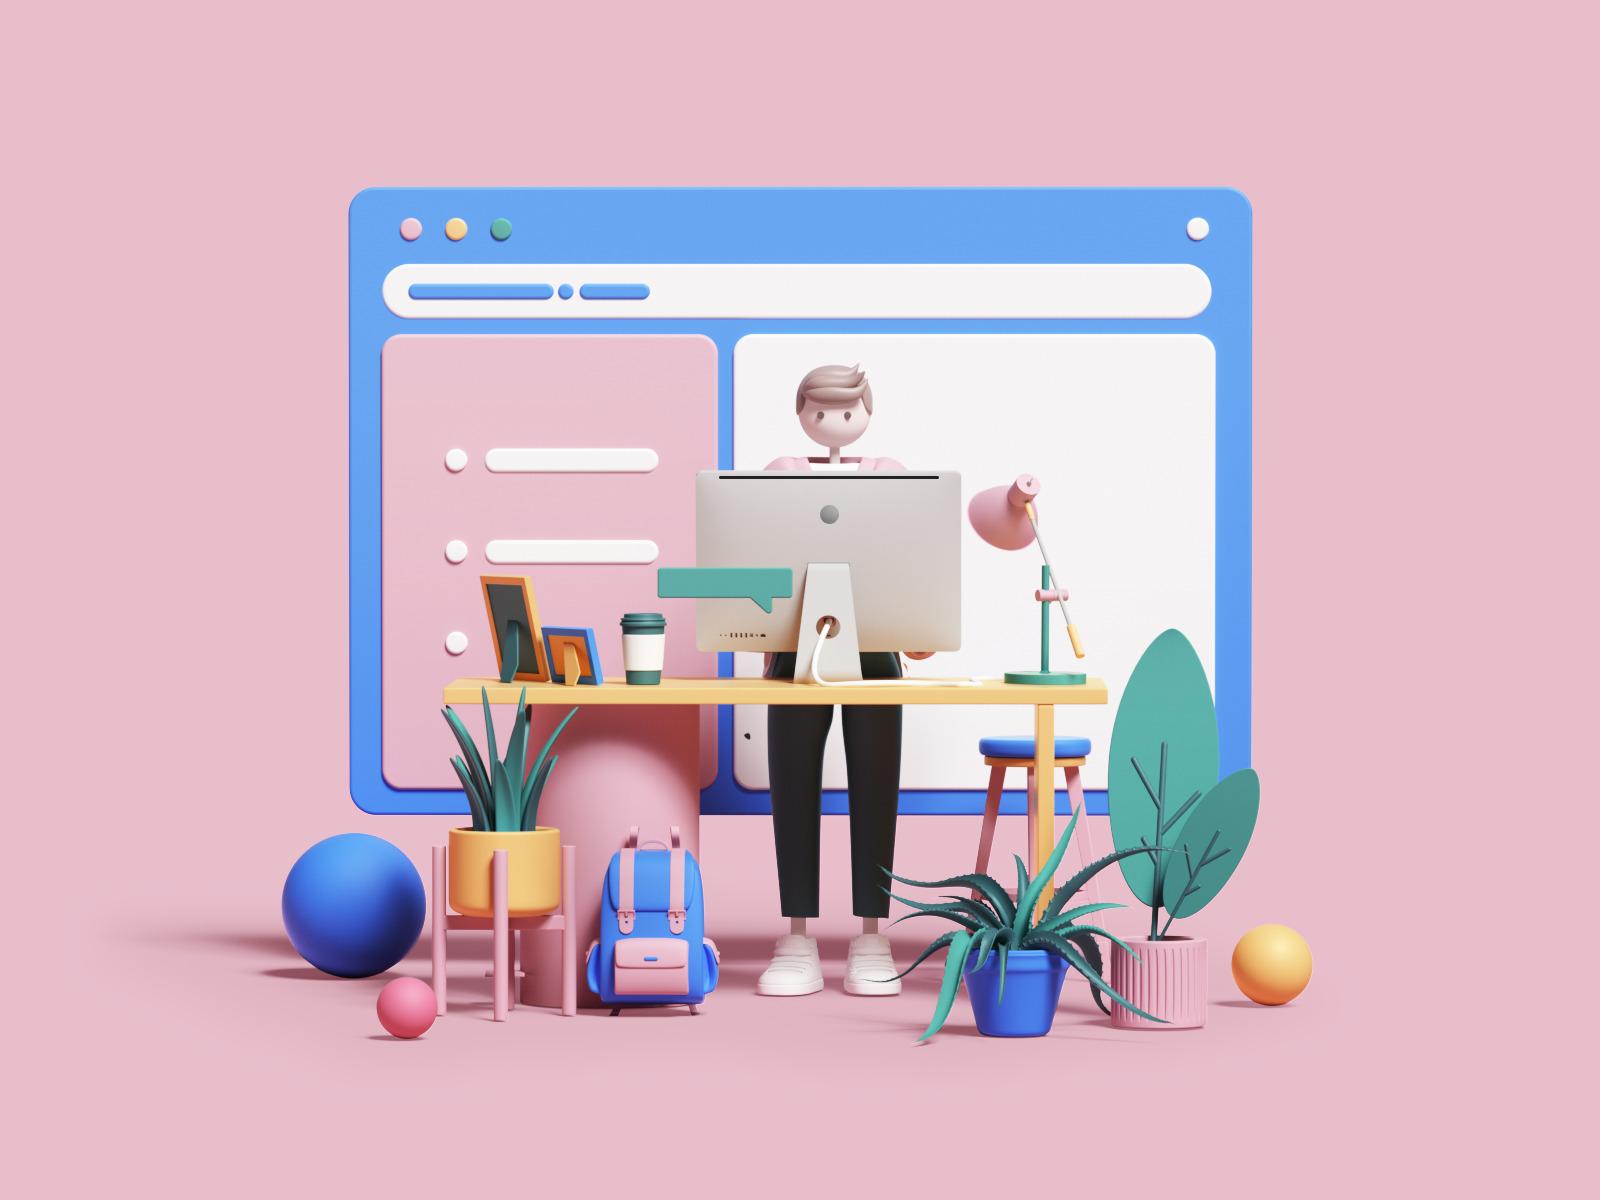 3d art digital illustration